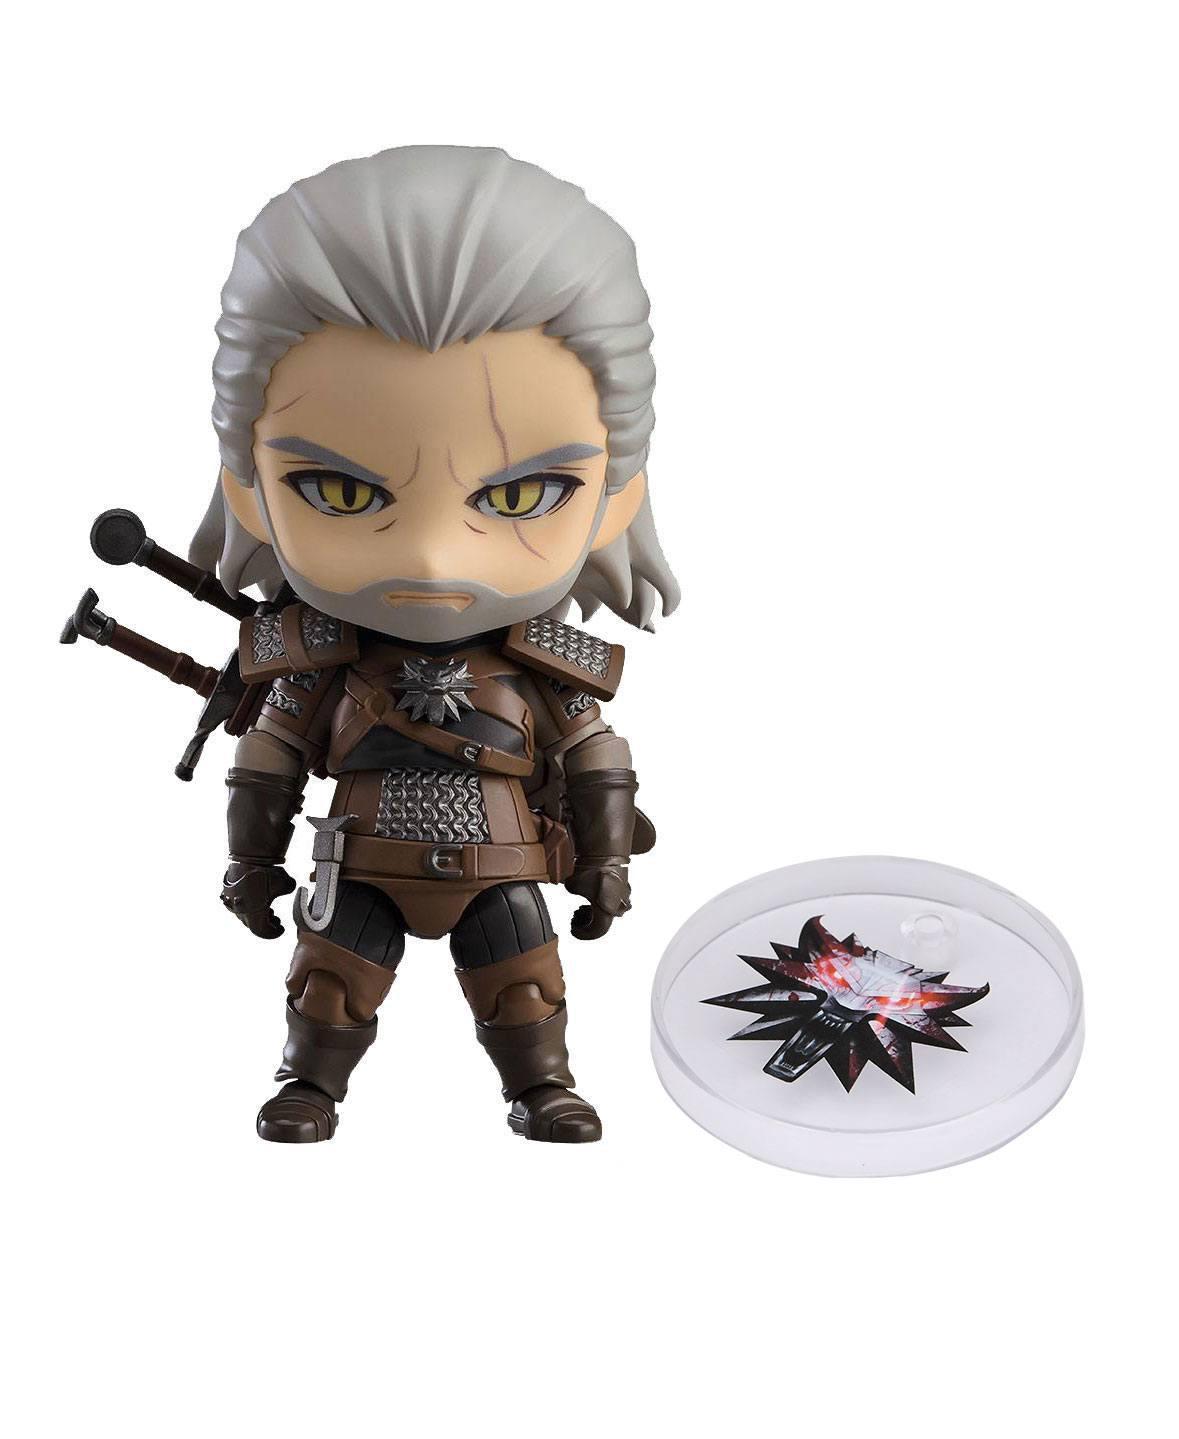 Figurka The Witcher 3 Wild Hunt Nendoroid Action Figure Geralt heo Exclusive 10 cm